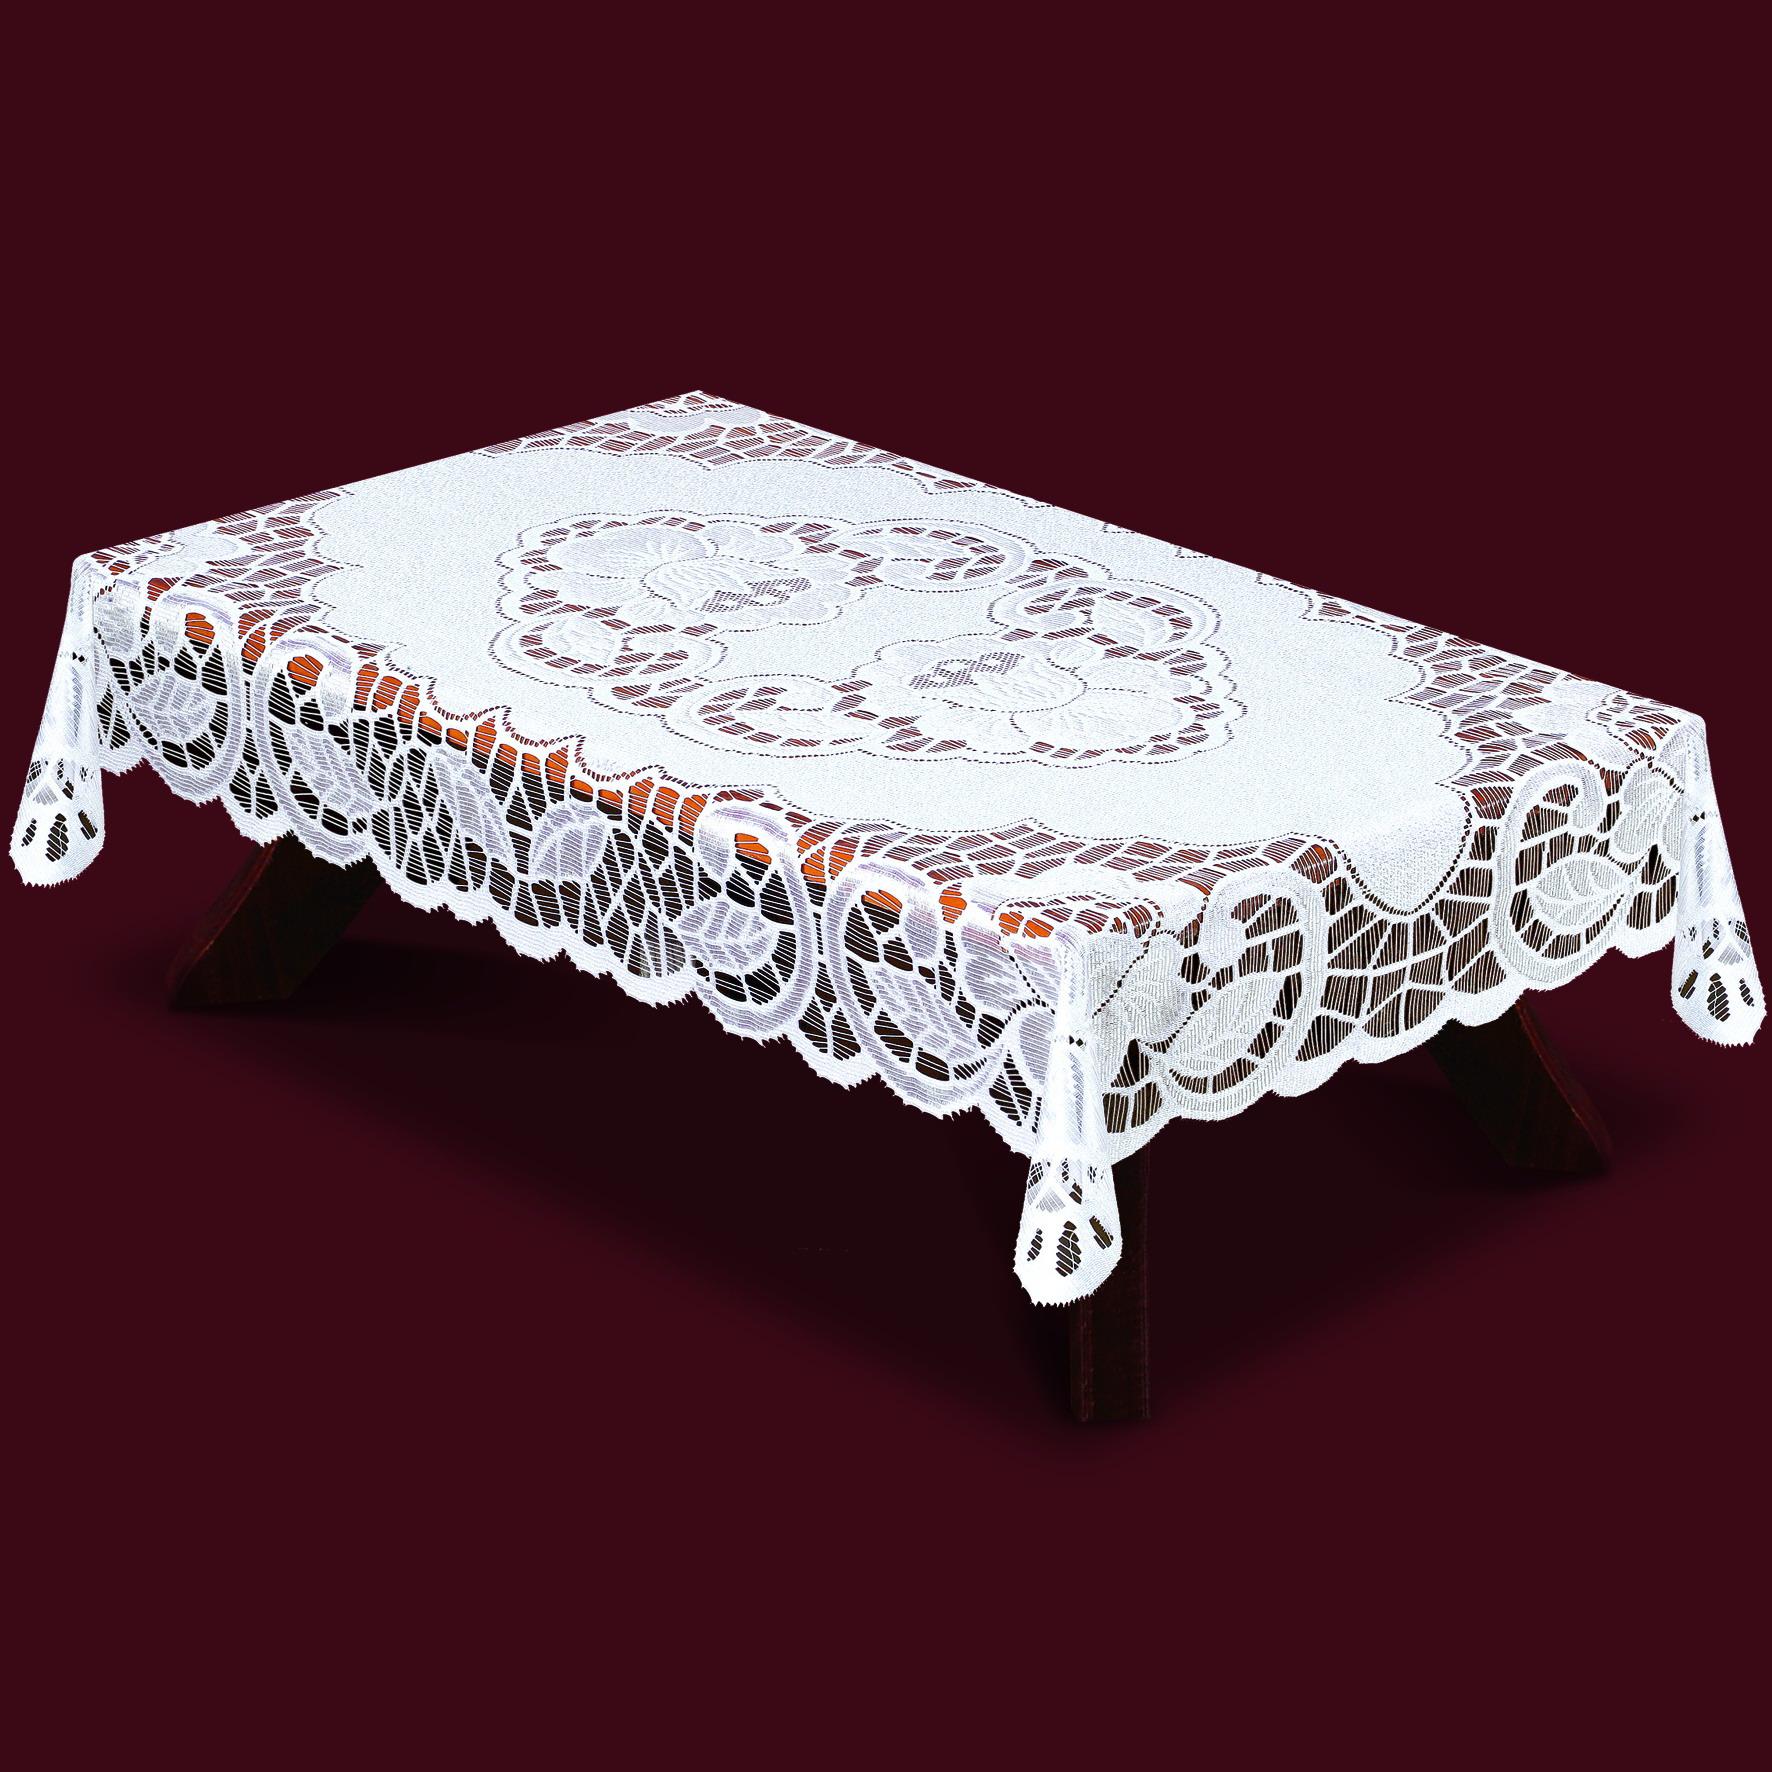 Скатерть Haft Skarb Babuni, прямоугольная, цвет: белый, 120x 160 см. 38850/12007358-408Великолепная прямоугольная скатерть Haft Skarb Babuni, выполненная из 100% полиэстера, органично впишется в интерьер любого помещения, а оригинальный дизайн удовлетворит даже самый изысканный вкус. Скатерть изготовлена из сетчатого материала с ажурным орнаментом по краям и по центру. Скатерть Haft Skarb Babuni создаст праздничное настроение и станет прекрасным дополнением интерьера гостиной, кухни или столовой.